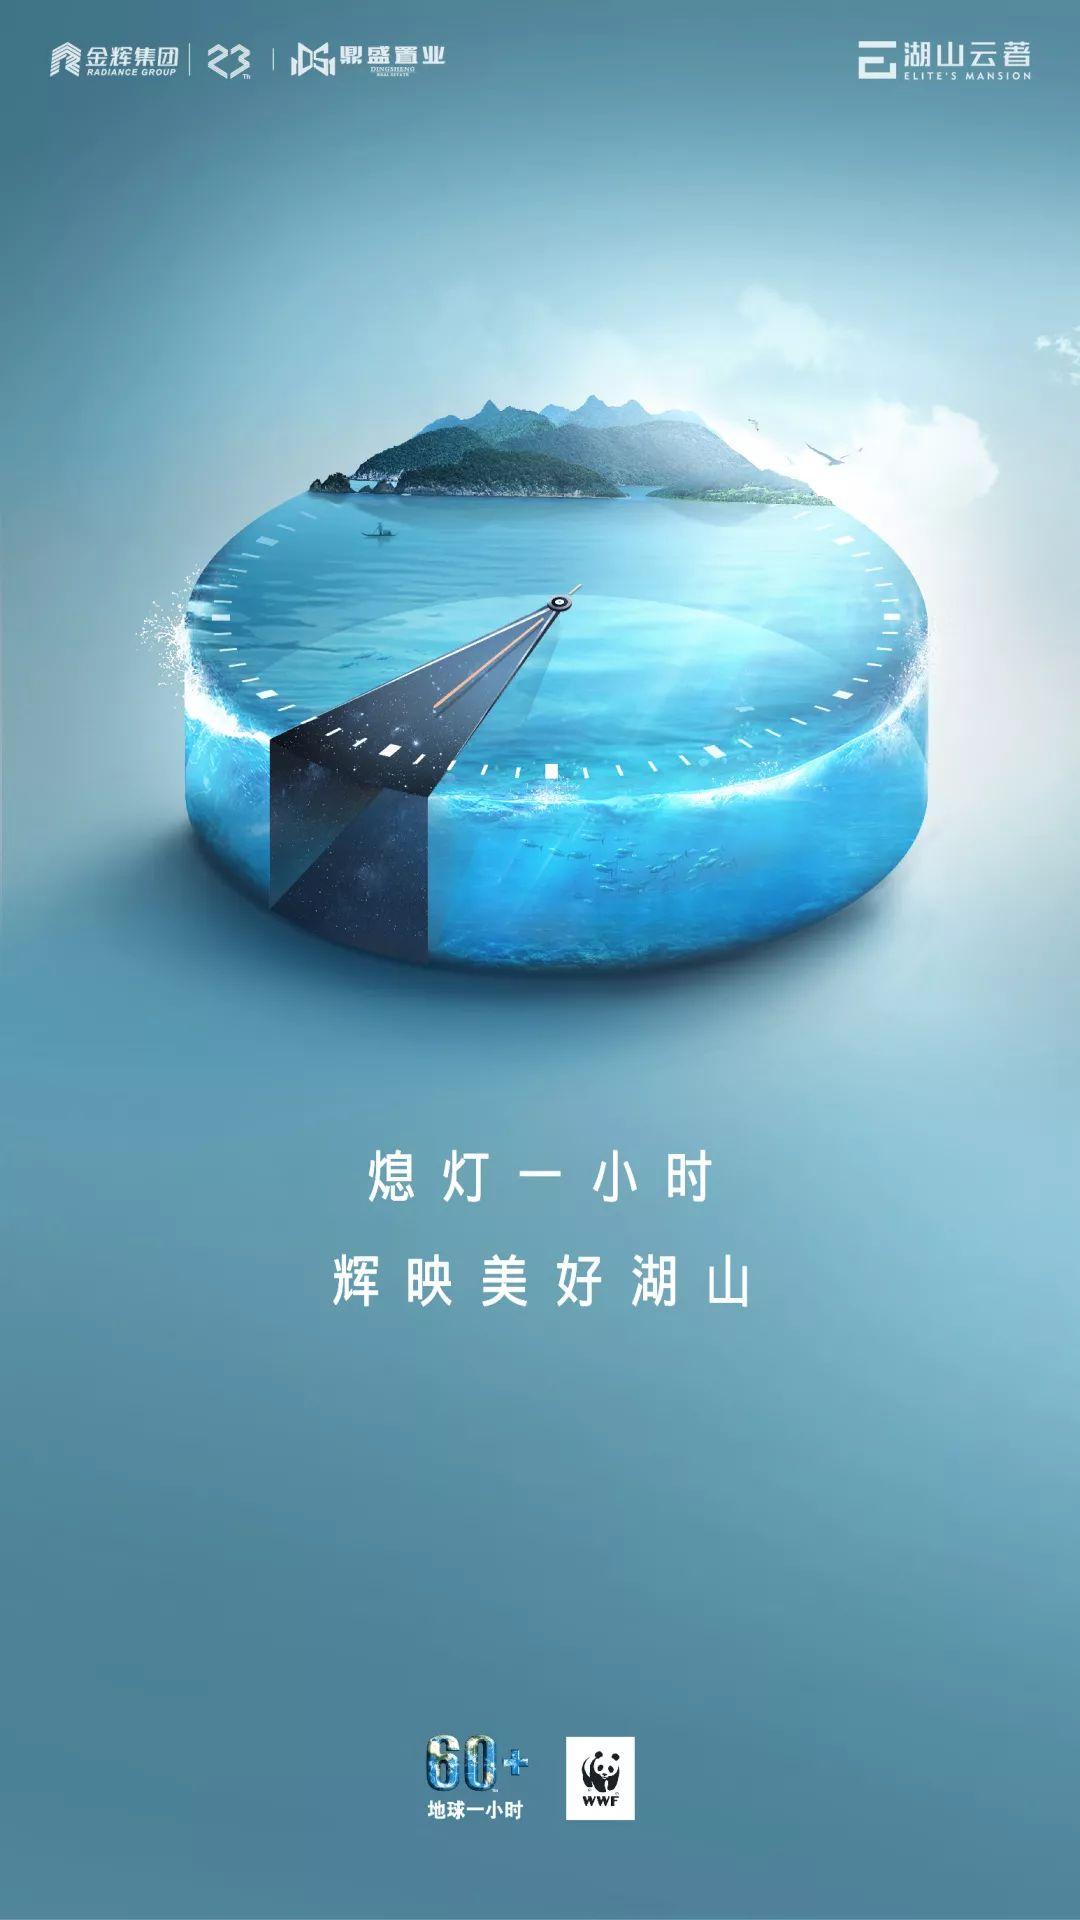 地球一小时文案海报:抬头发现天空中最亮的星!插图24